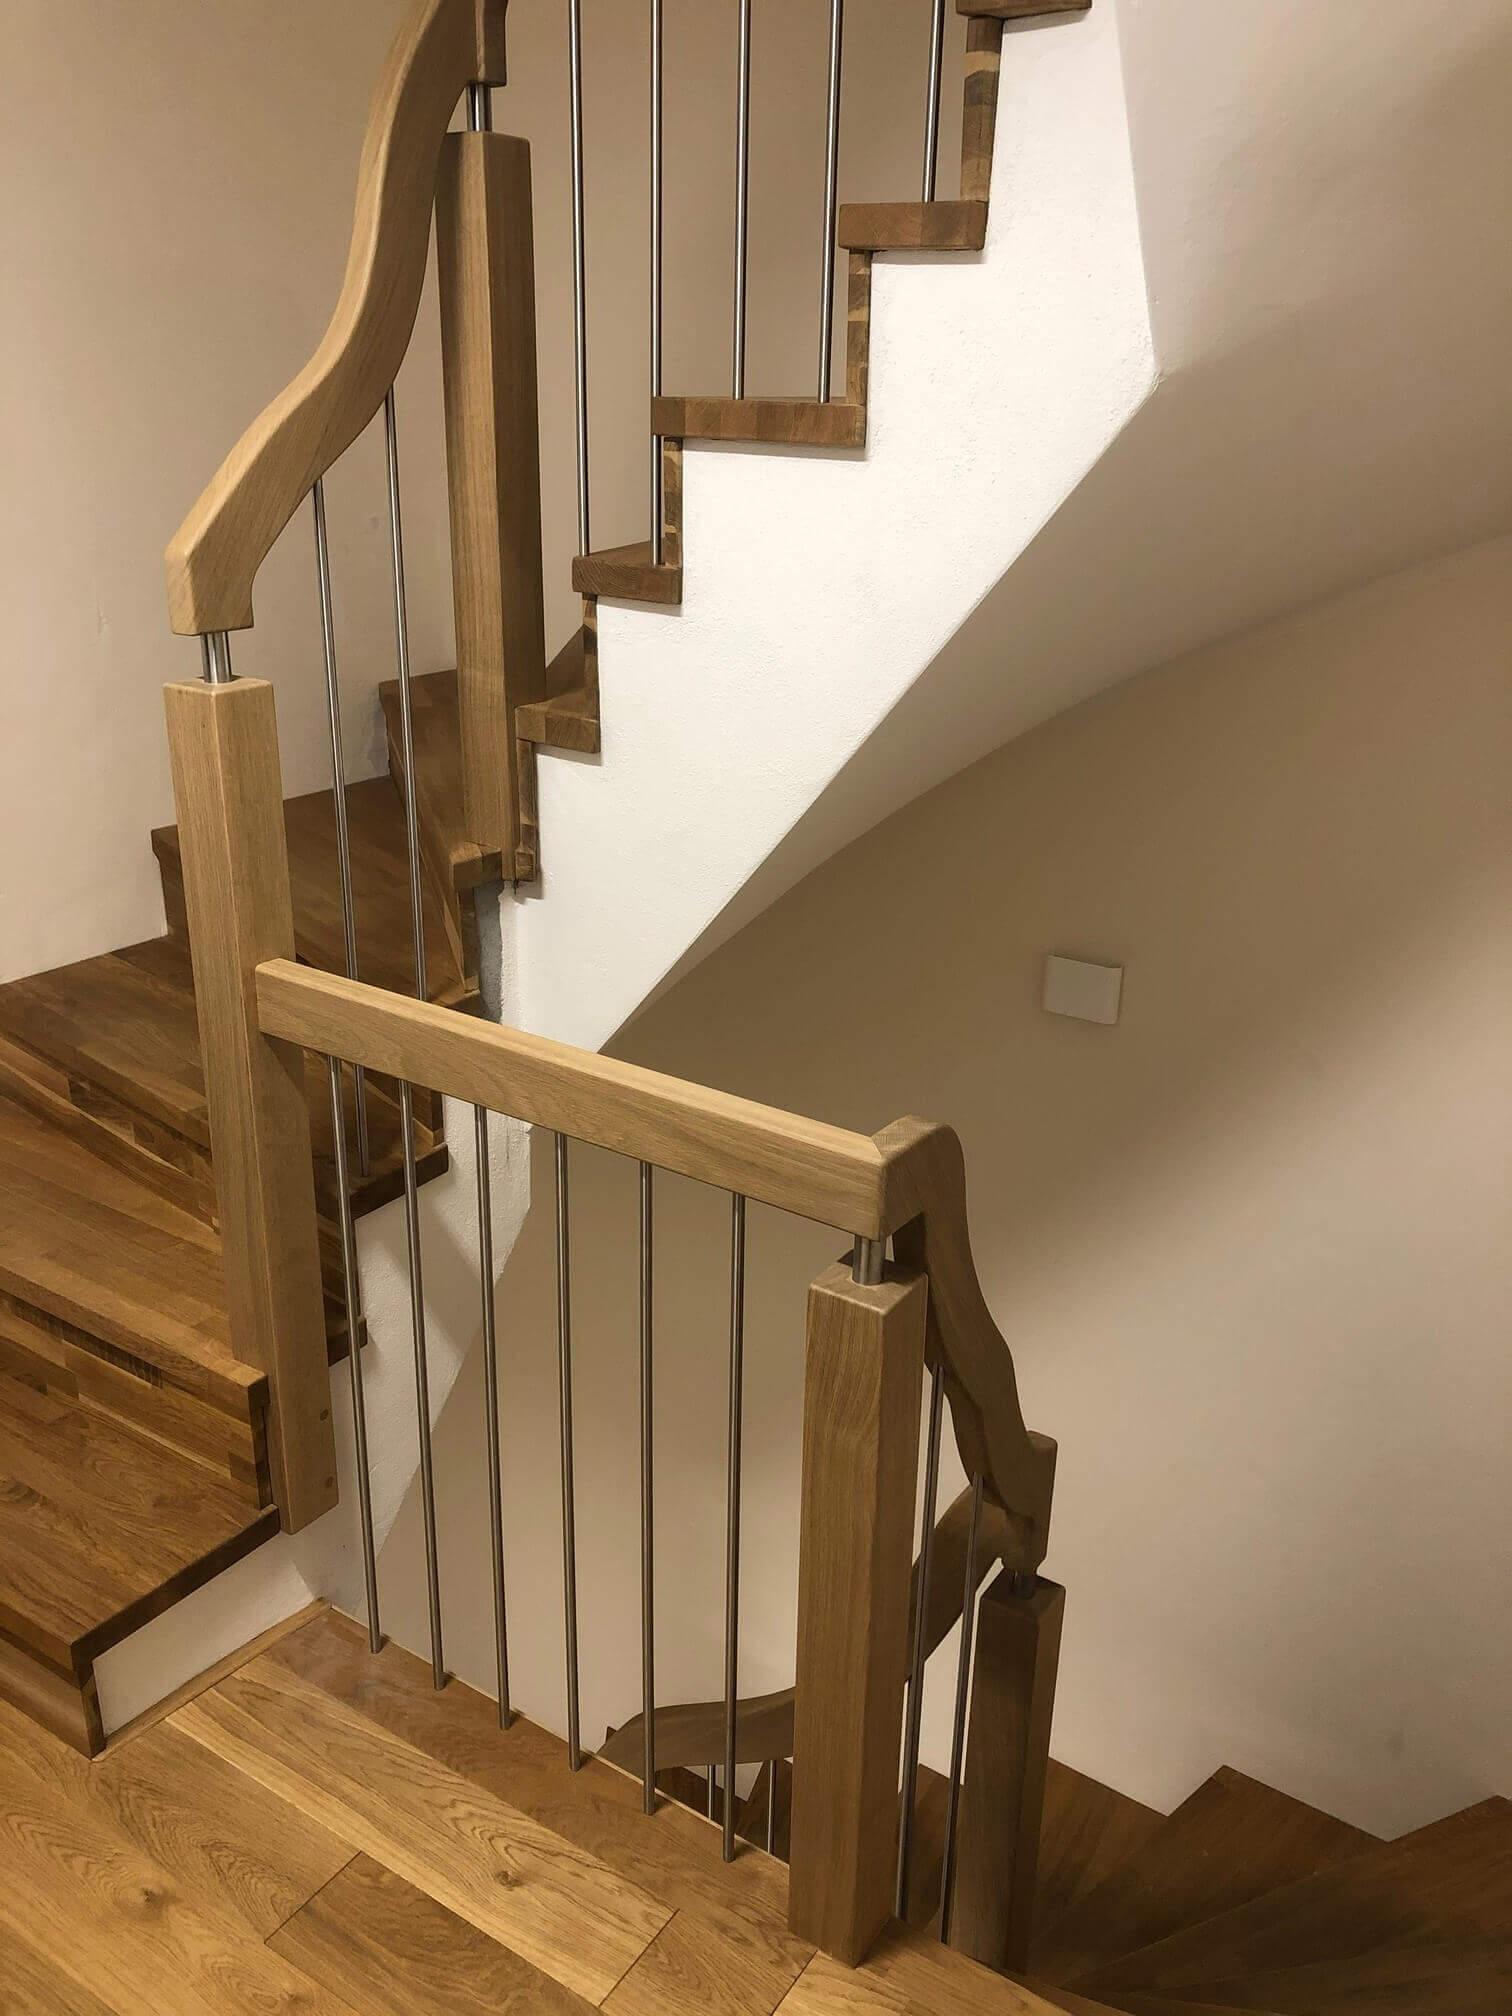 Treppengeländer für eine vorhandene Treppe